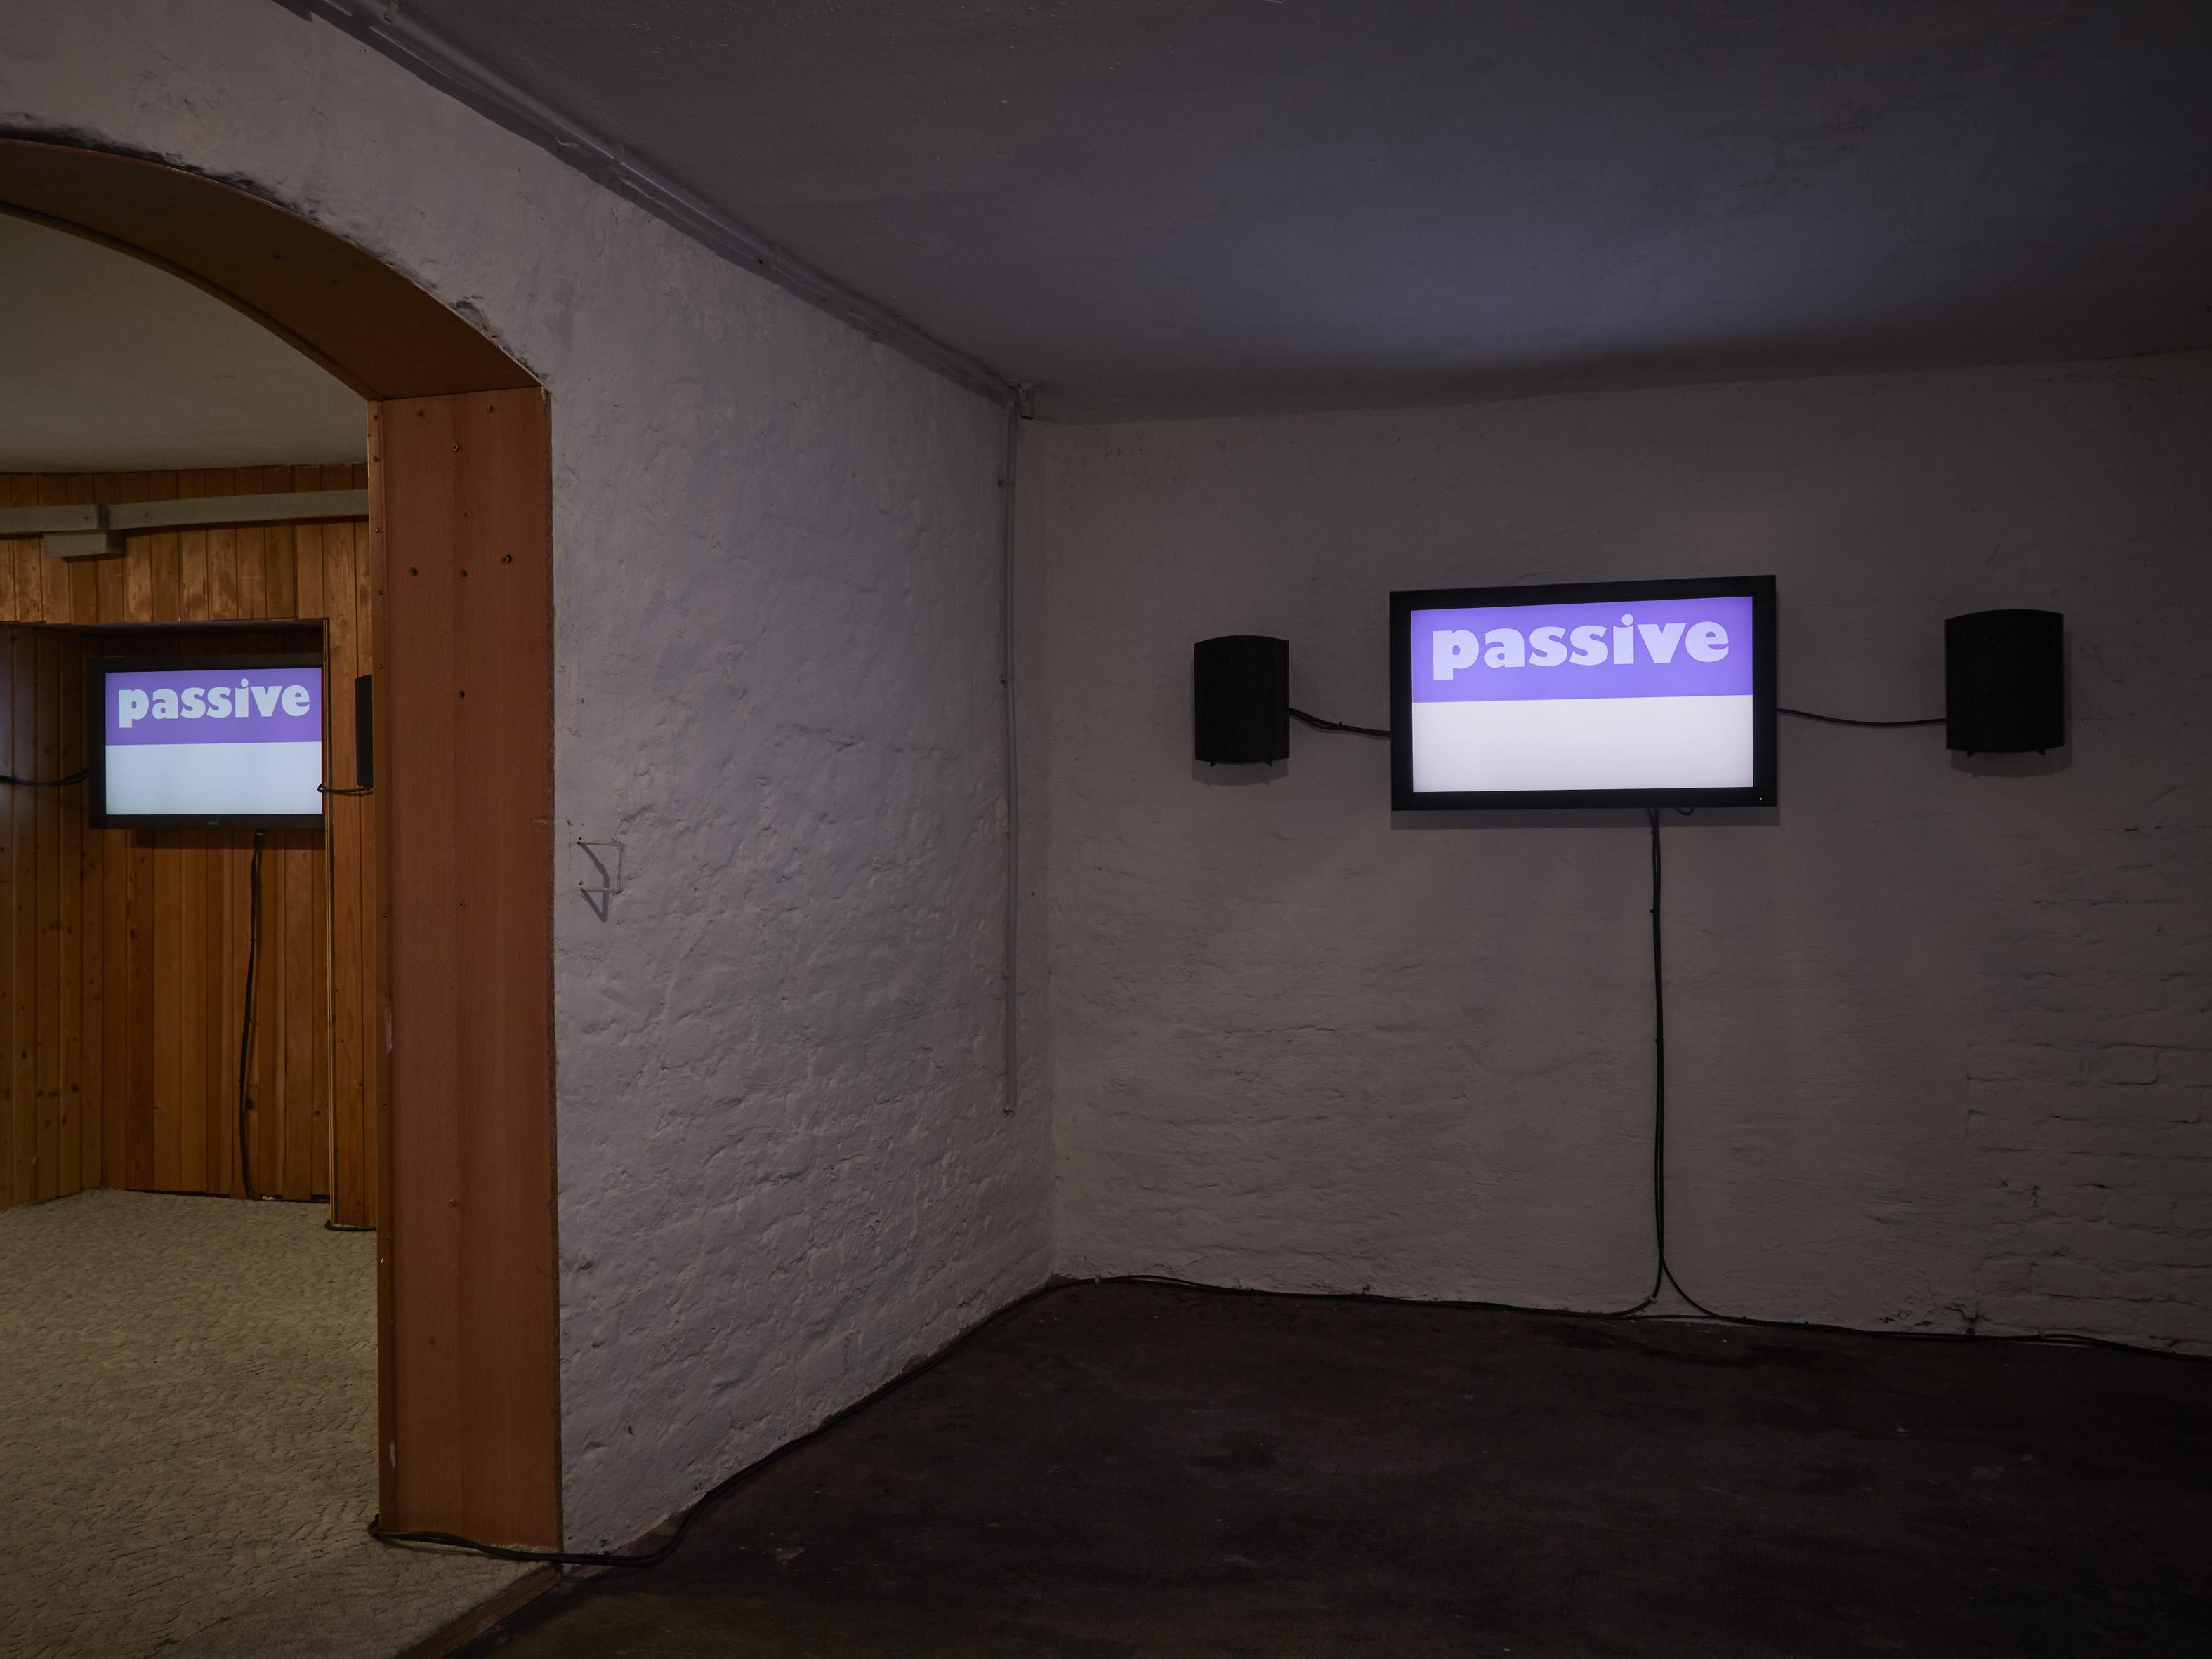 Morag Keil, passive aggressive (2016) @ Eden Eden, Berlin. Exhibition view. Photo by Henry Trumble. Courtesy the artist, Isabella Bortolozzi Galerie, Berlin.